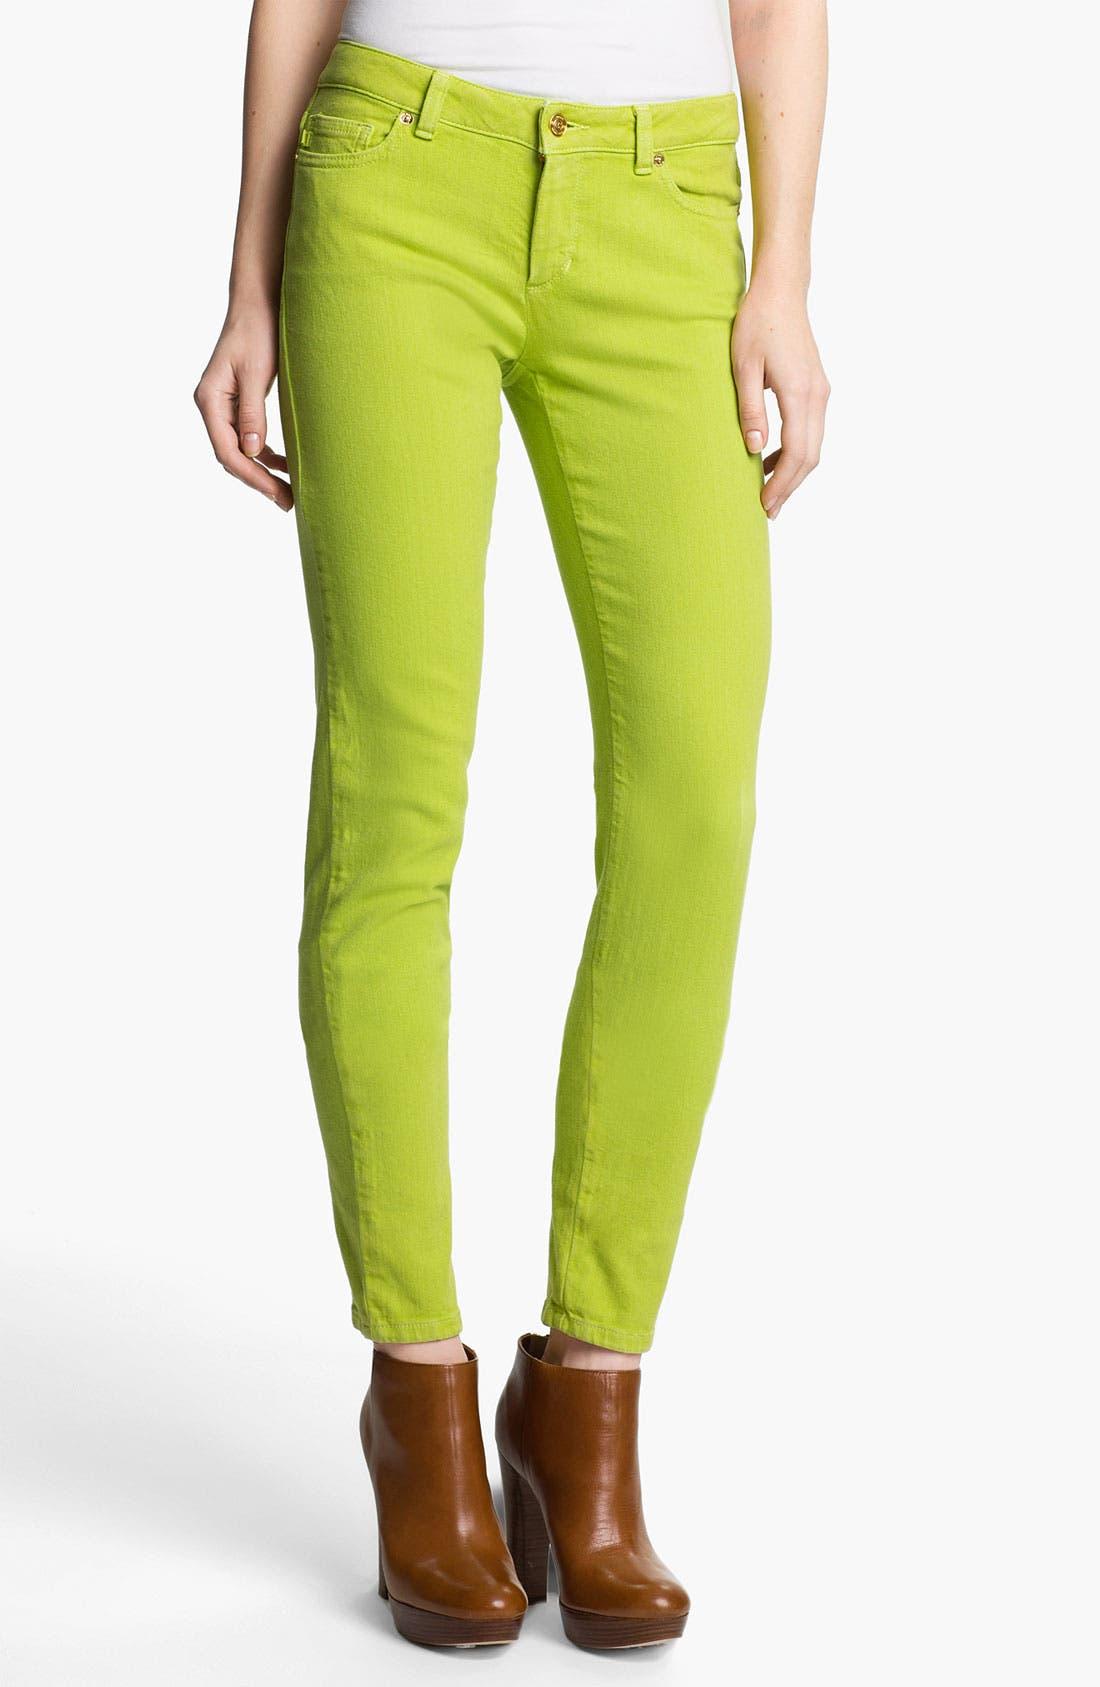 Alternate Image 1 Selected - MICHAEL Michael Kors Color Skinny Jeans (Petite)